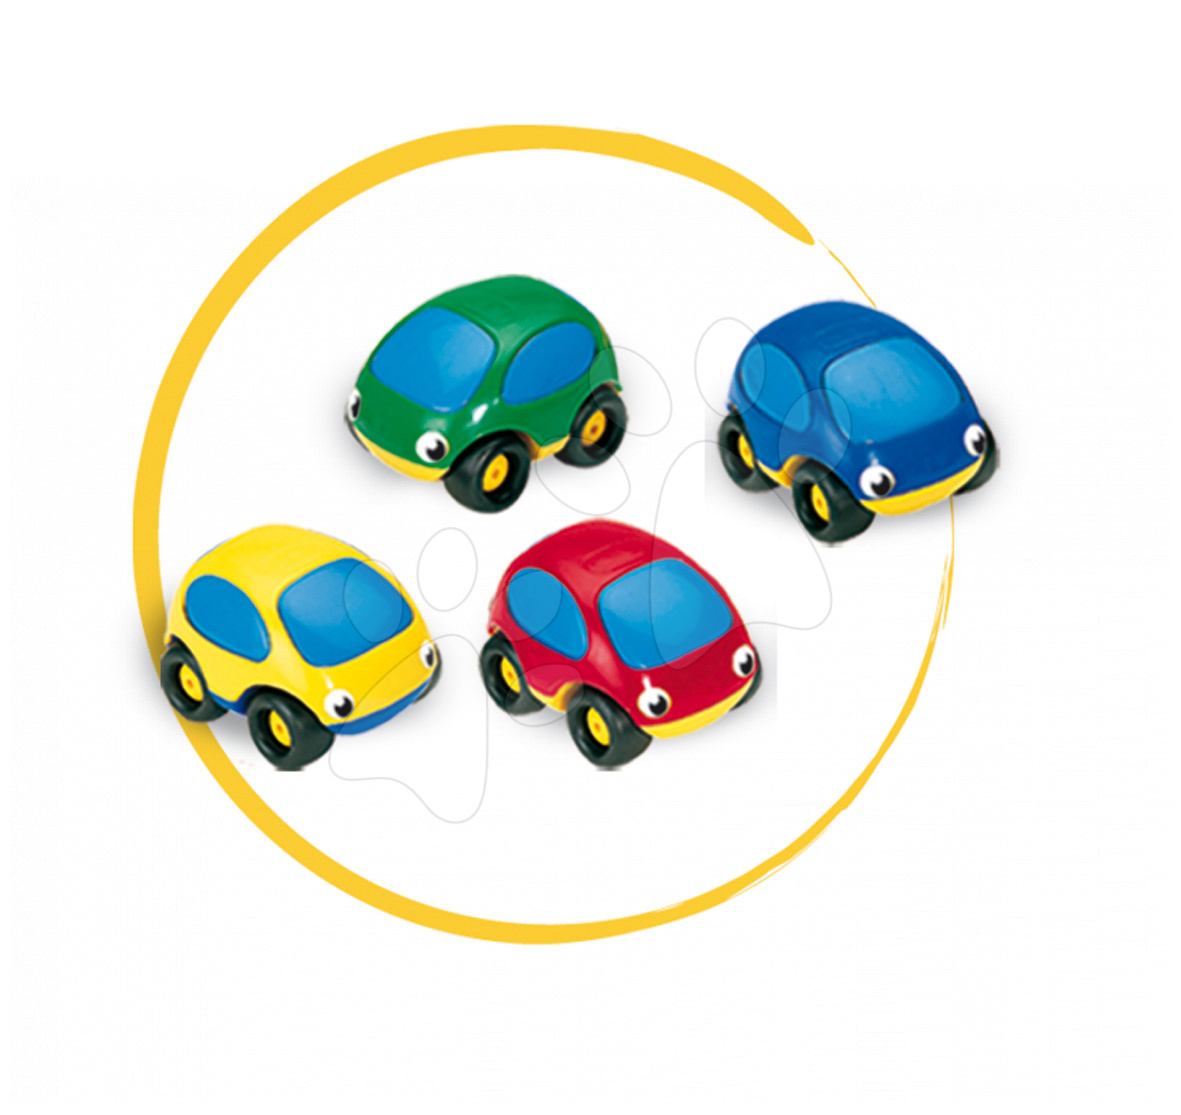 Maşinuţă de jucărie Vroom Planet Smoby cu lungime de 7 cm de la 12 luni